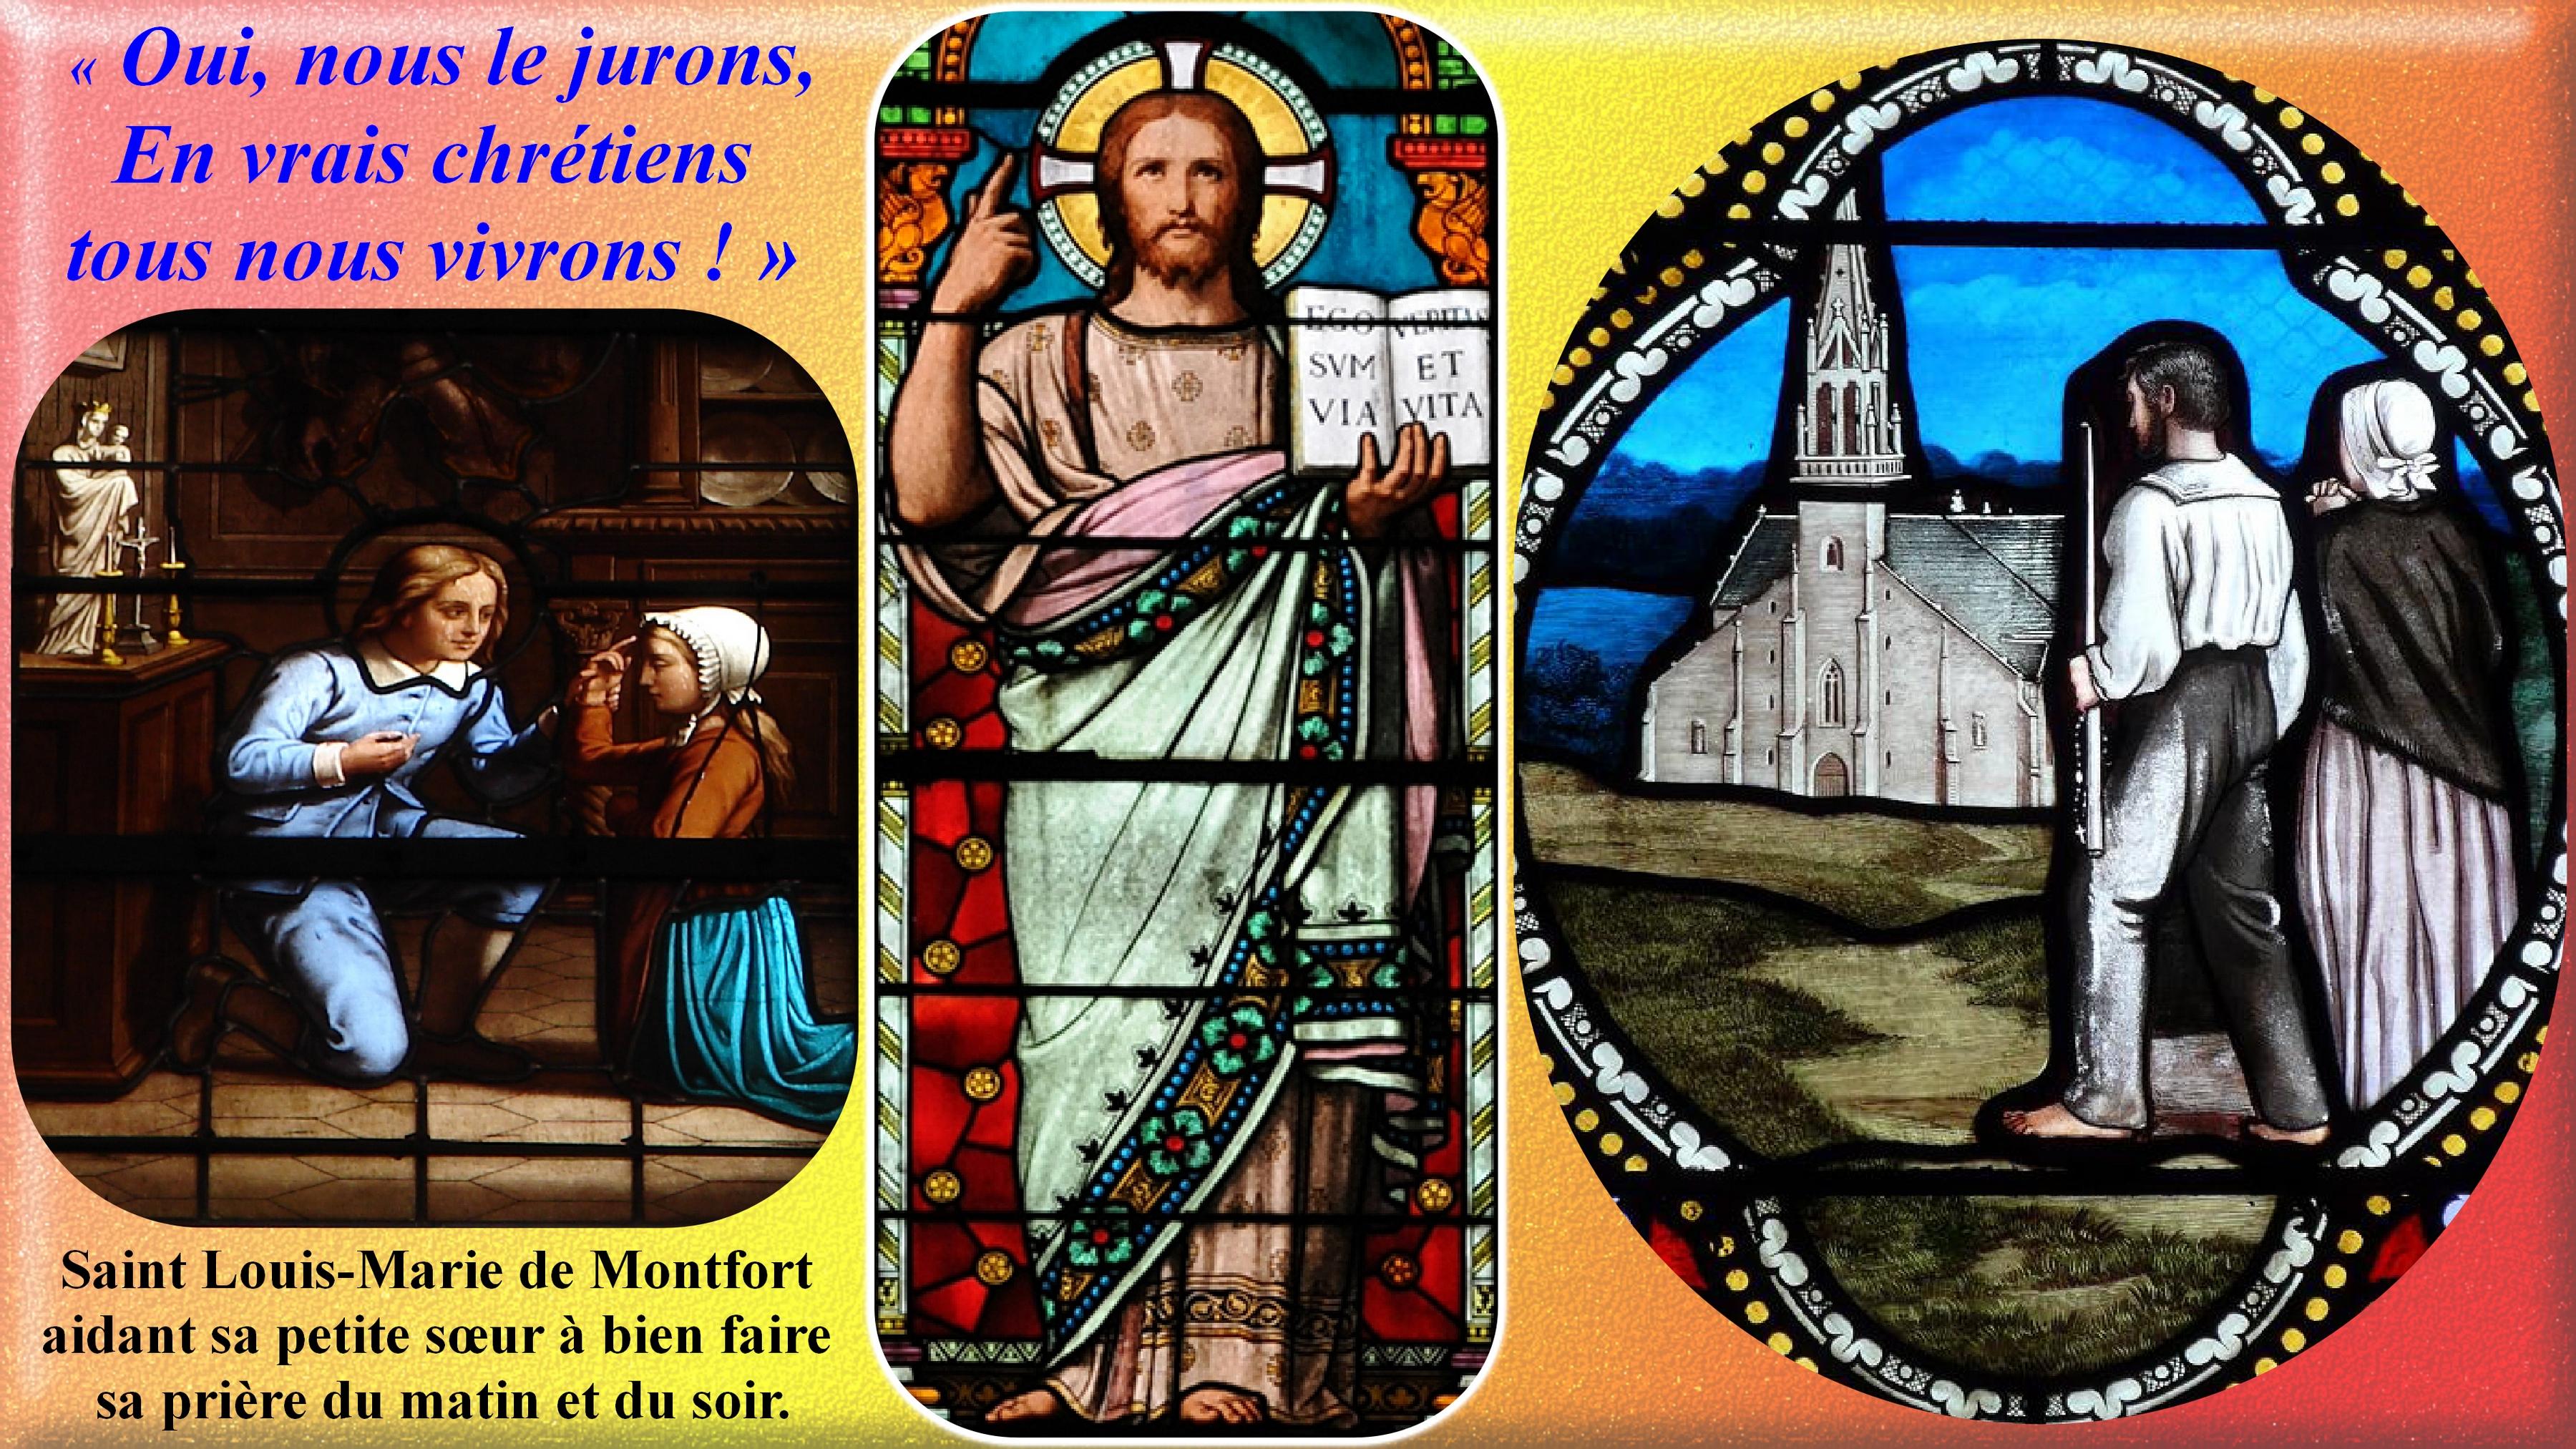 La CONTRITION PARFAITE & la COMMUNION SPIRITUELLE - Page 2 Vie-du-chr-tien-_...te-soeur-57b8713